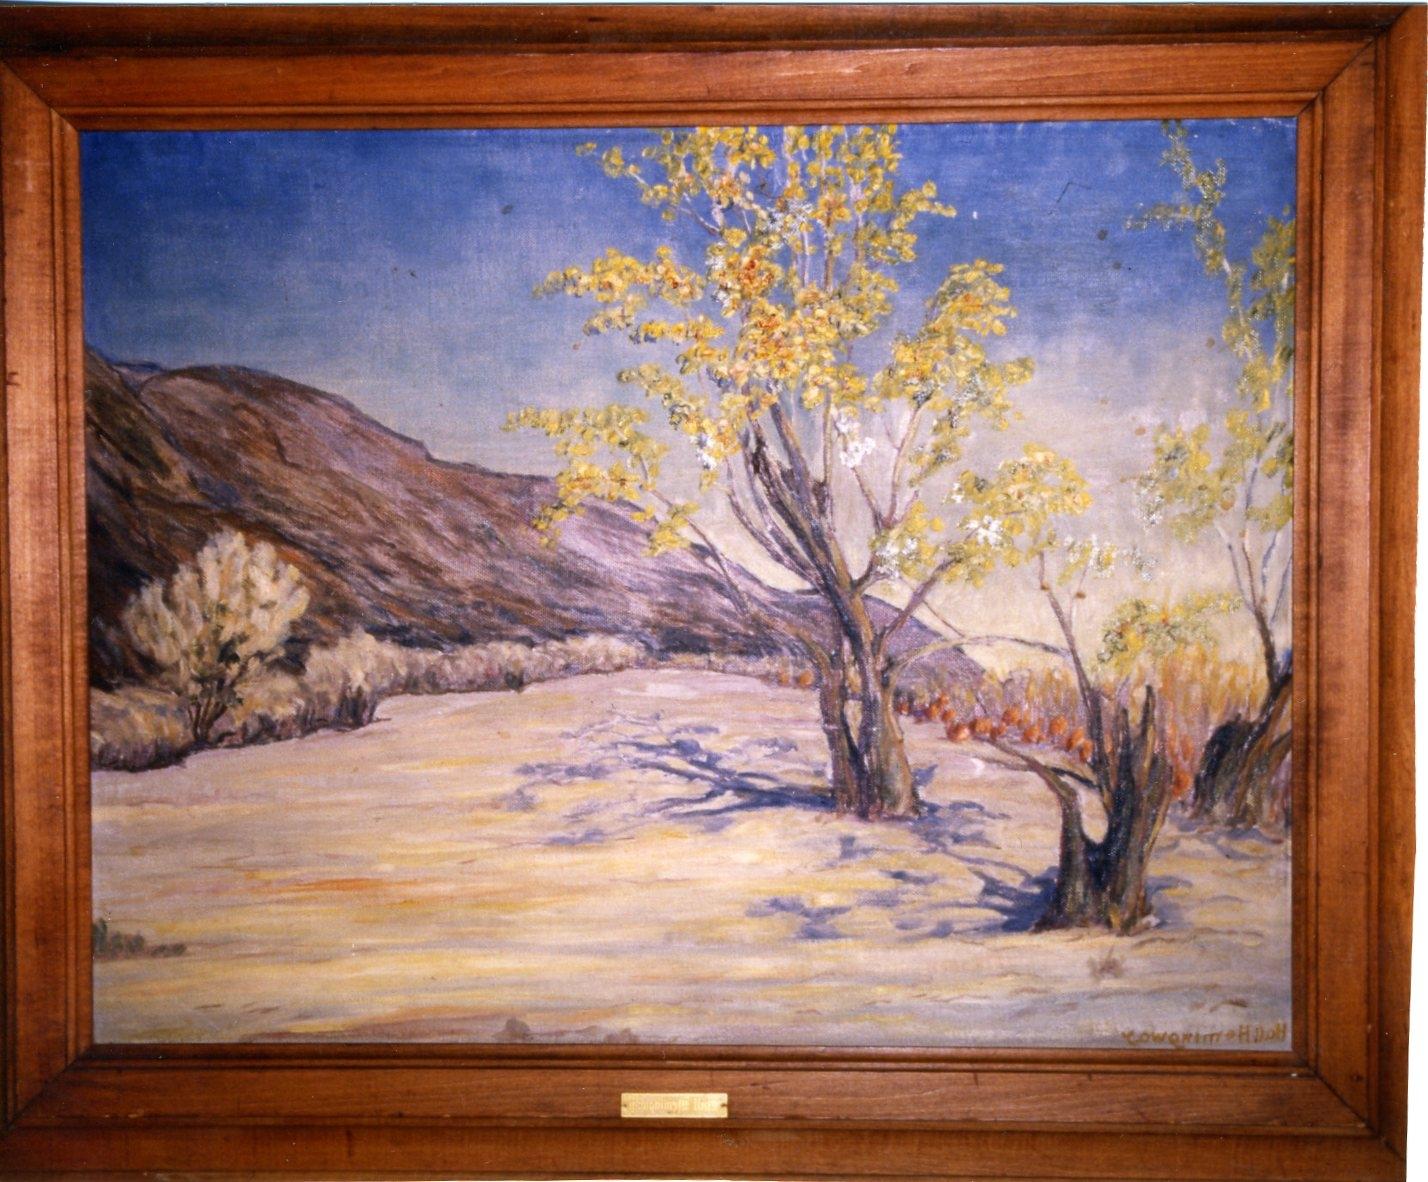 Grace Hall Hemingway, desert2